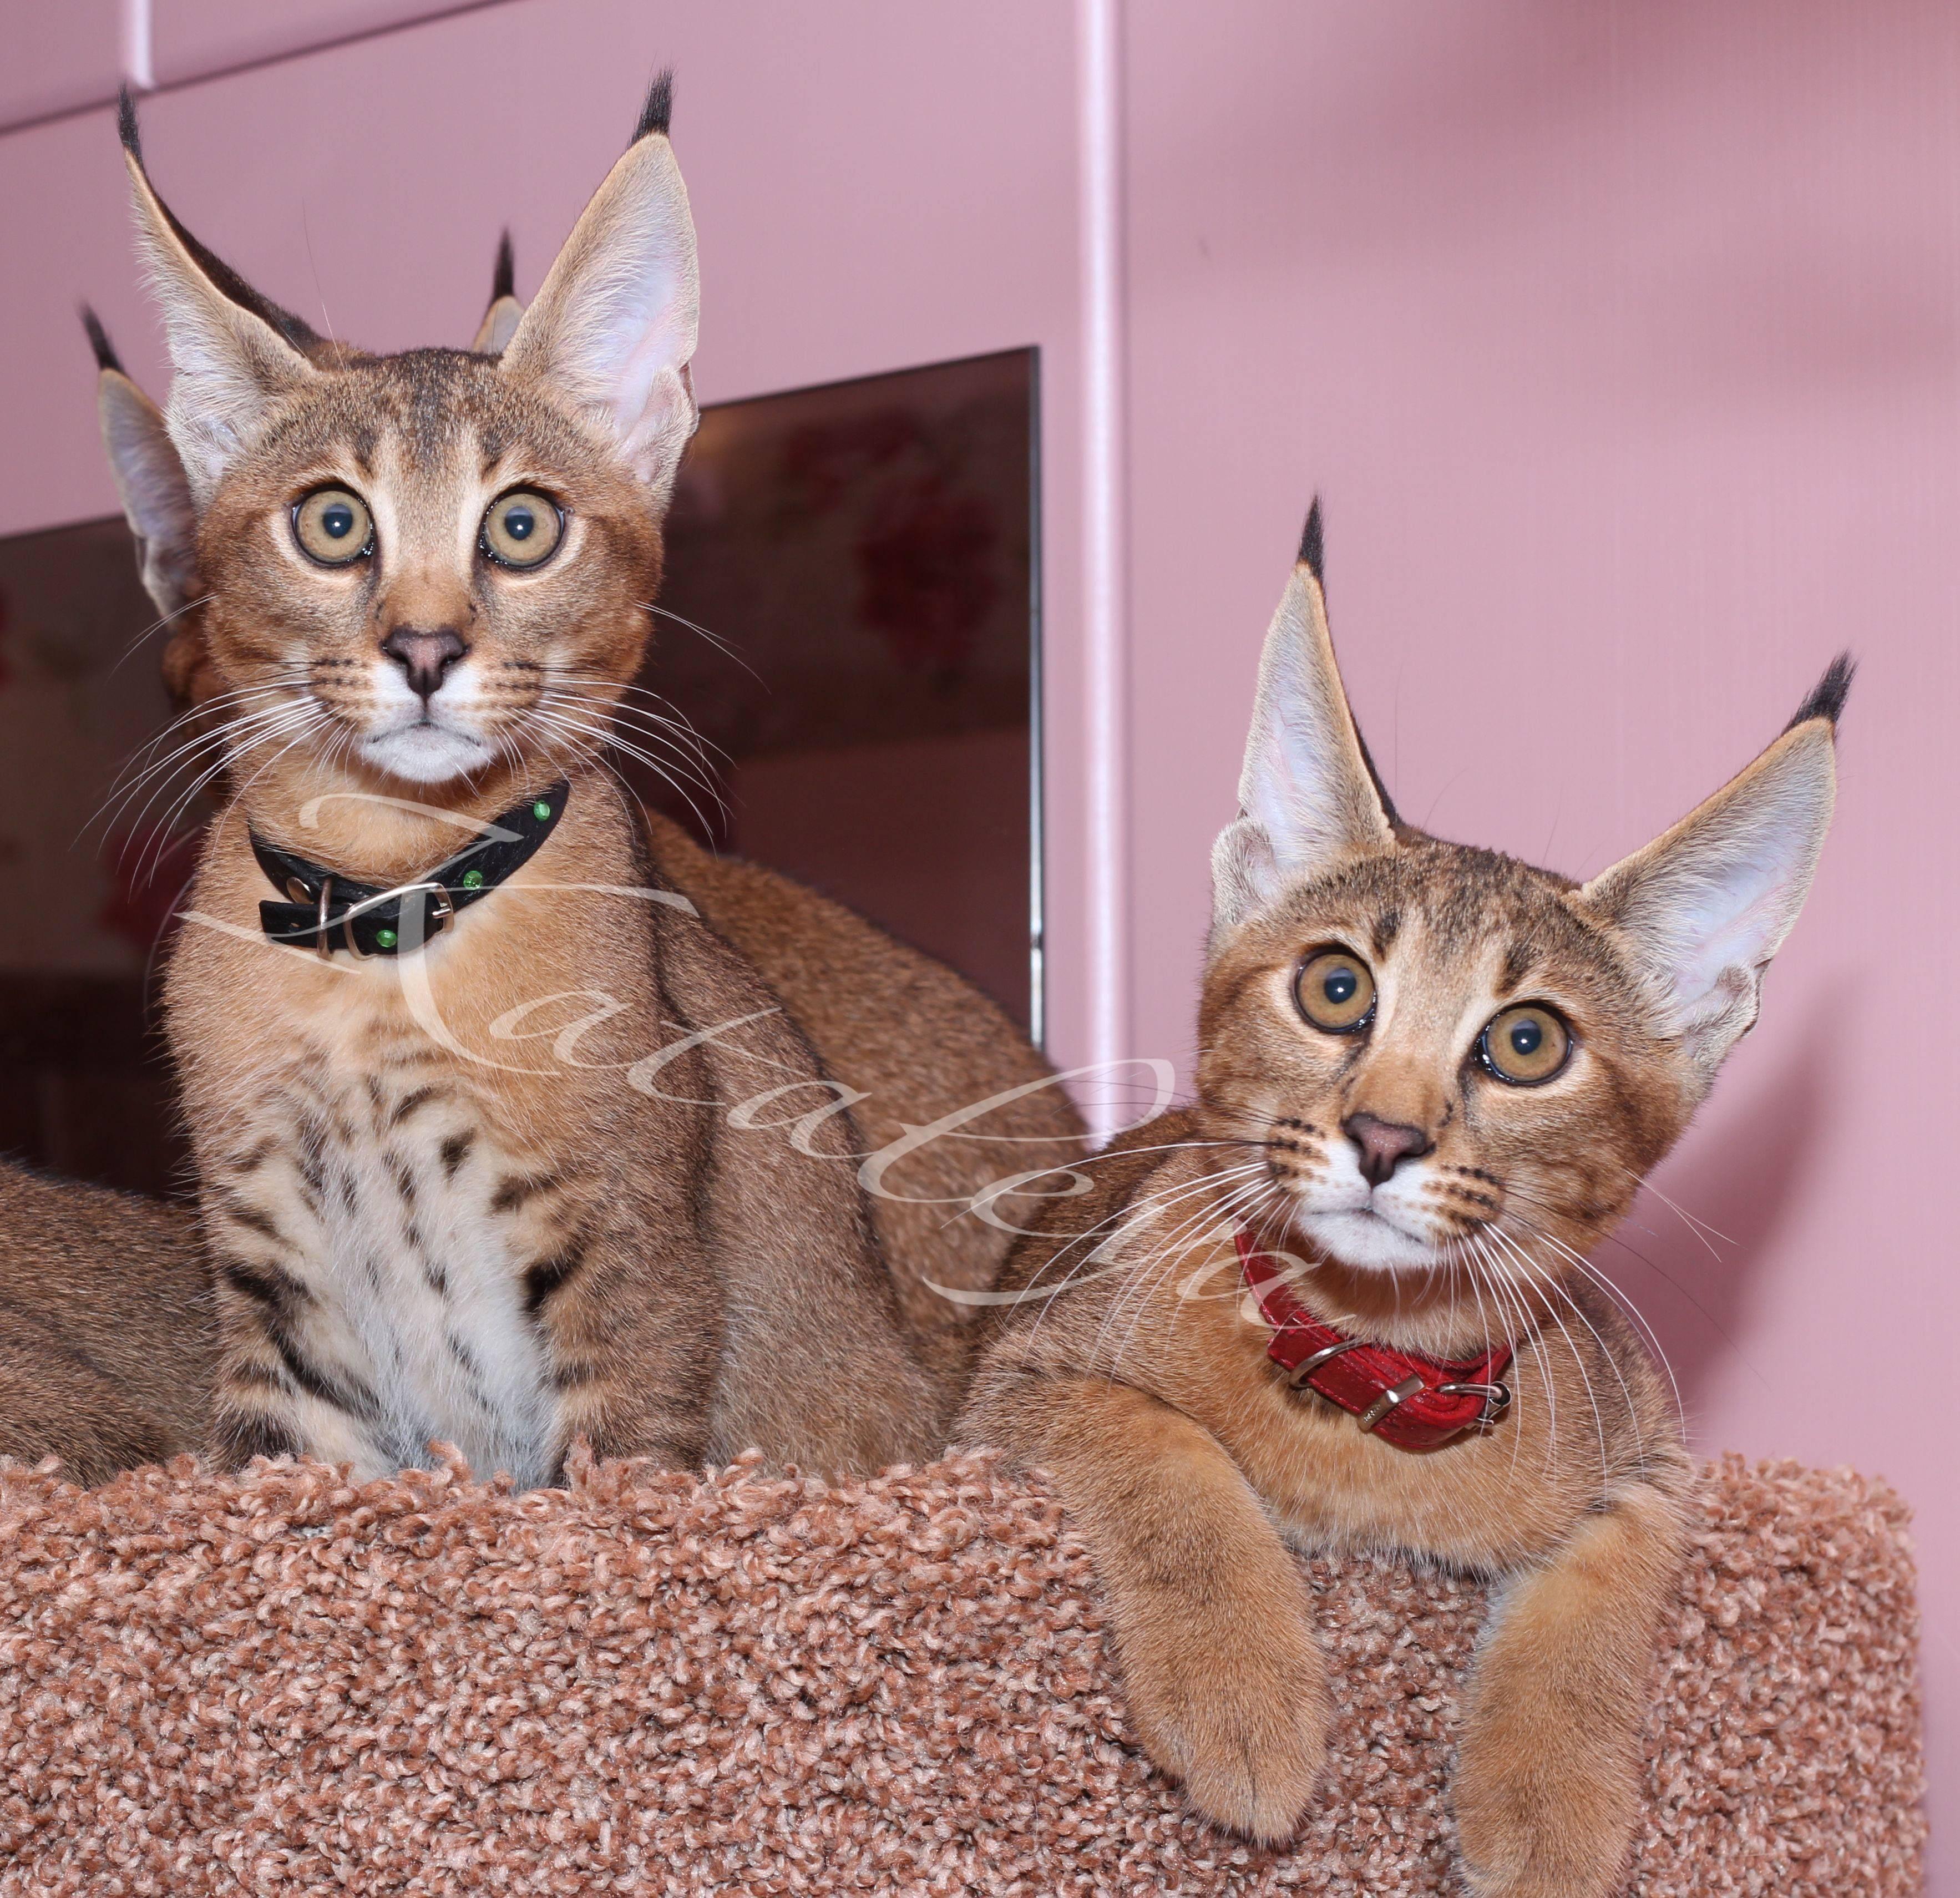 Кошки с кисточками на ушах [фото + список пород]